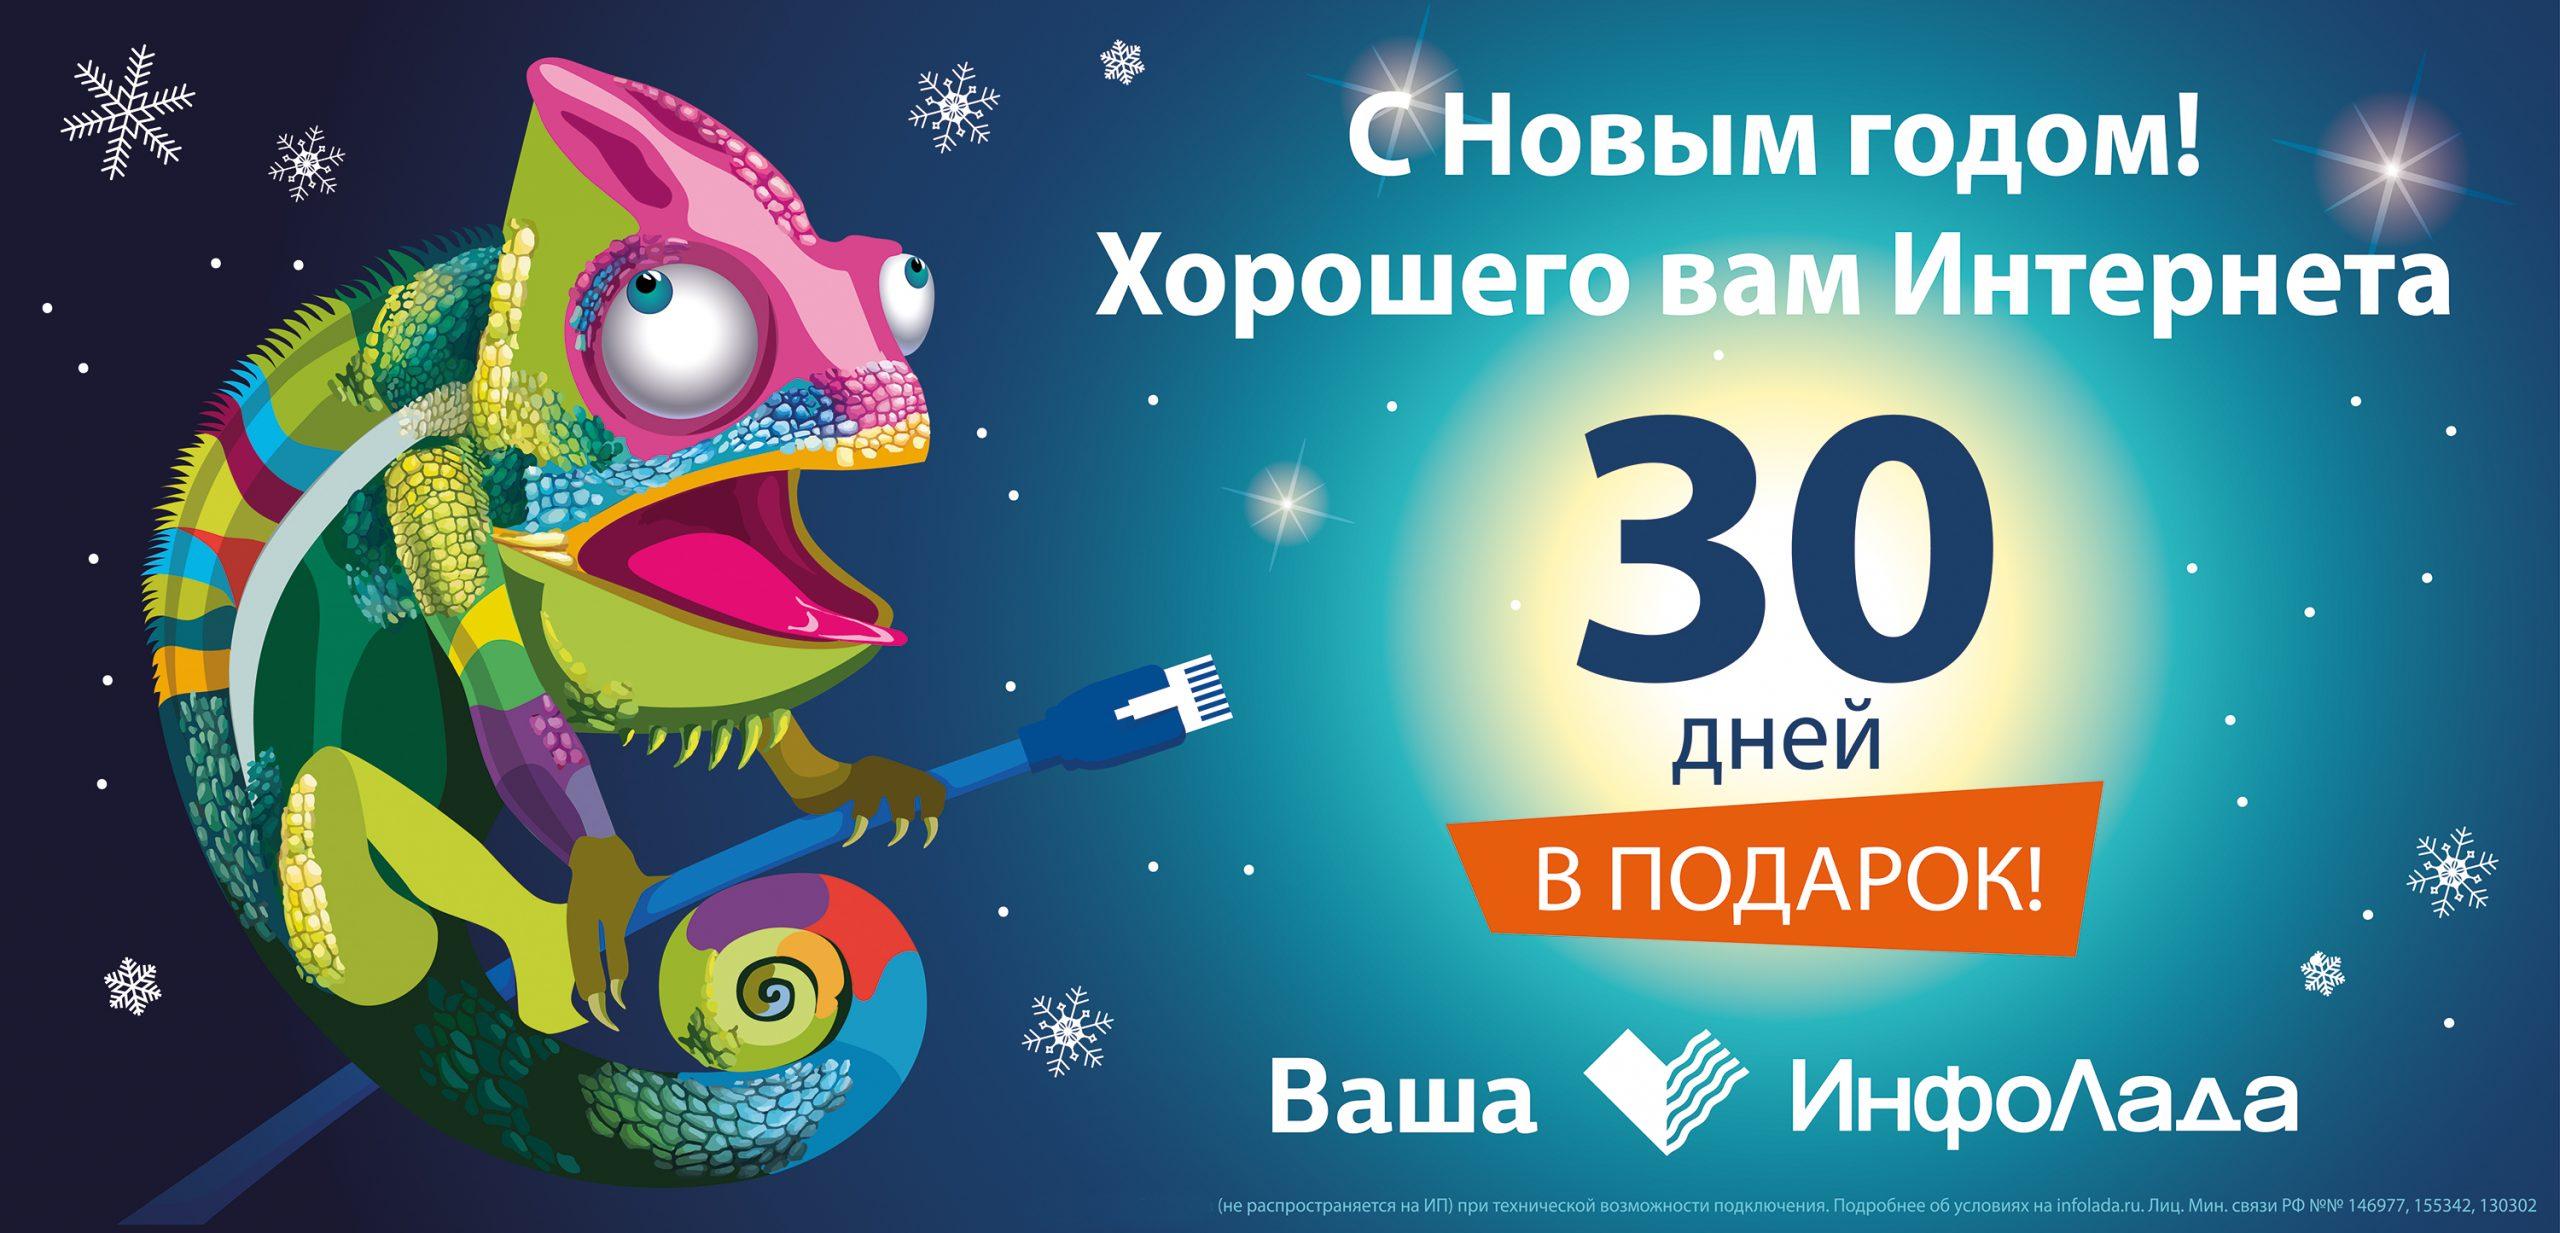 «ИнфоЛада»: 30 дней бесплатного интернета и другие бонусы к Новому году!